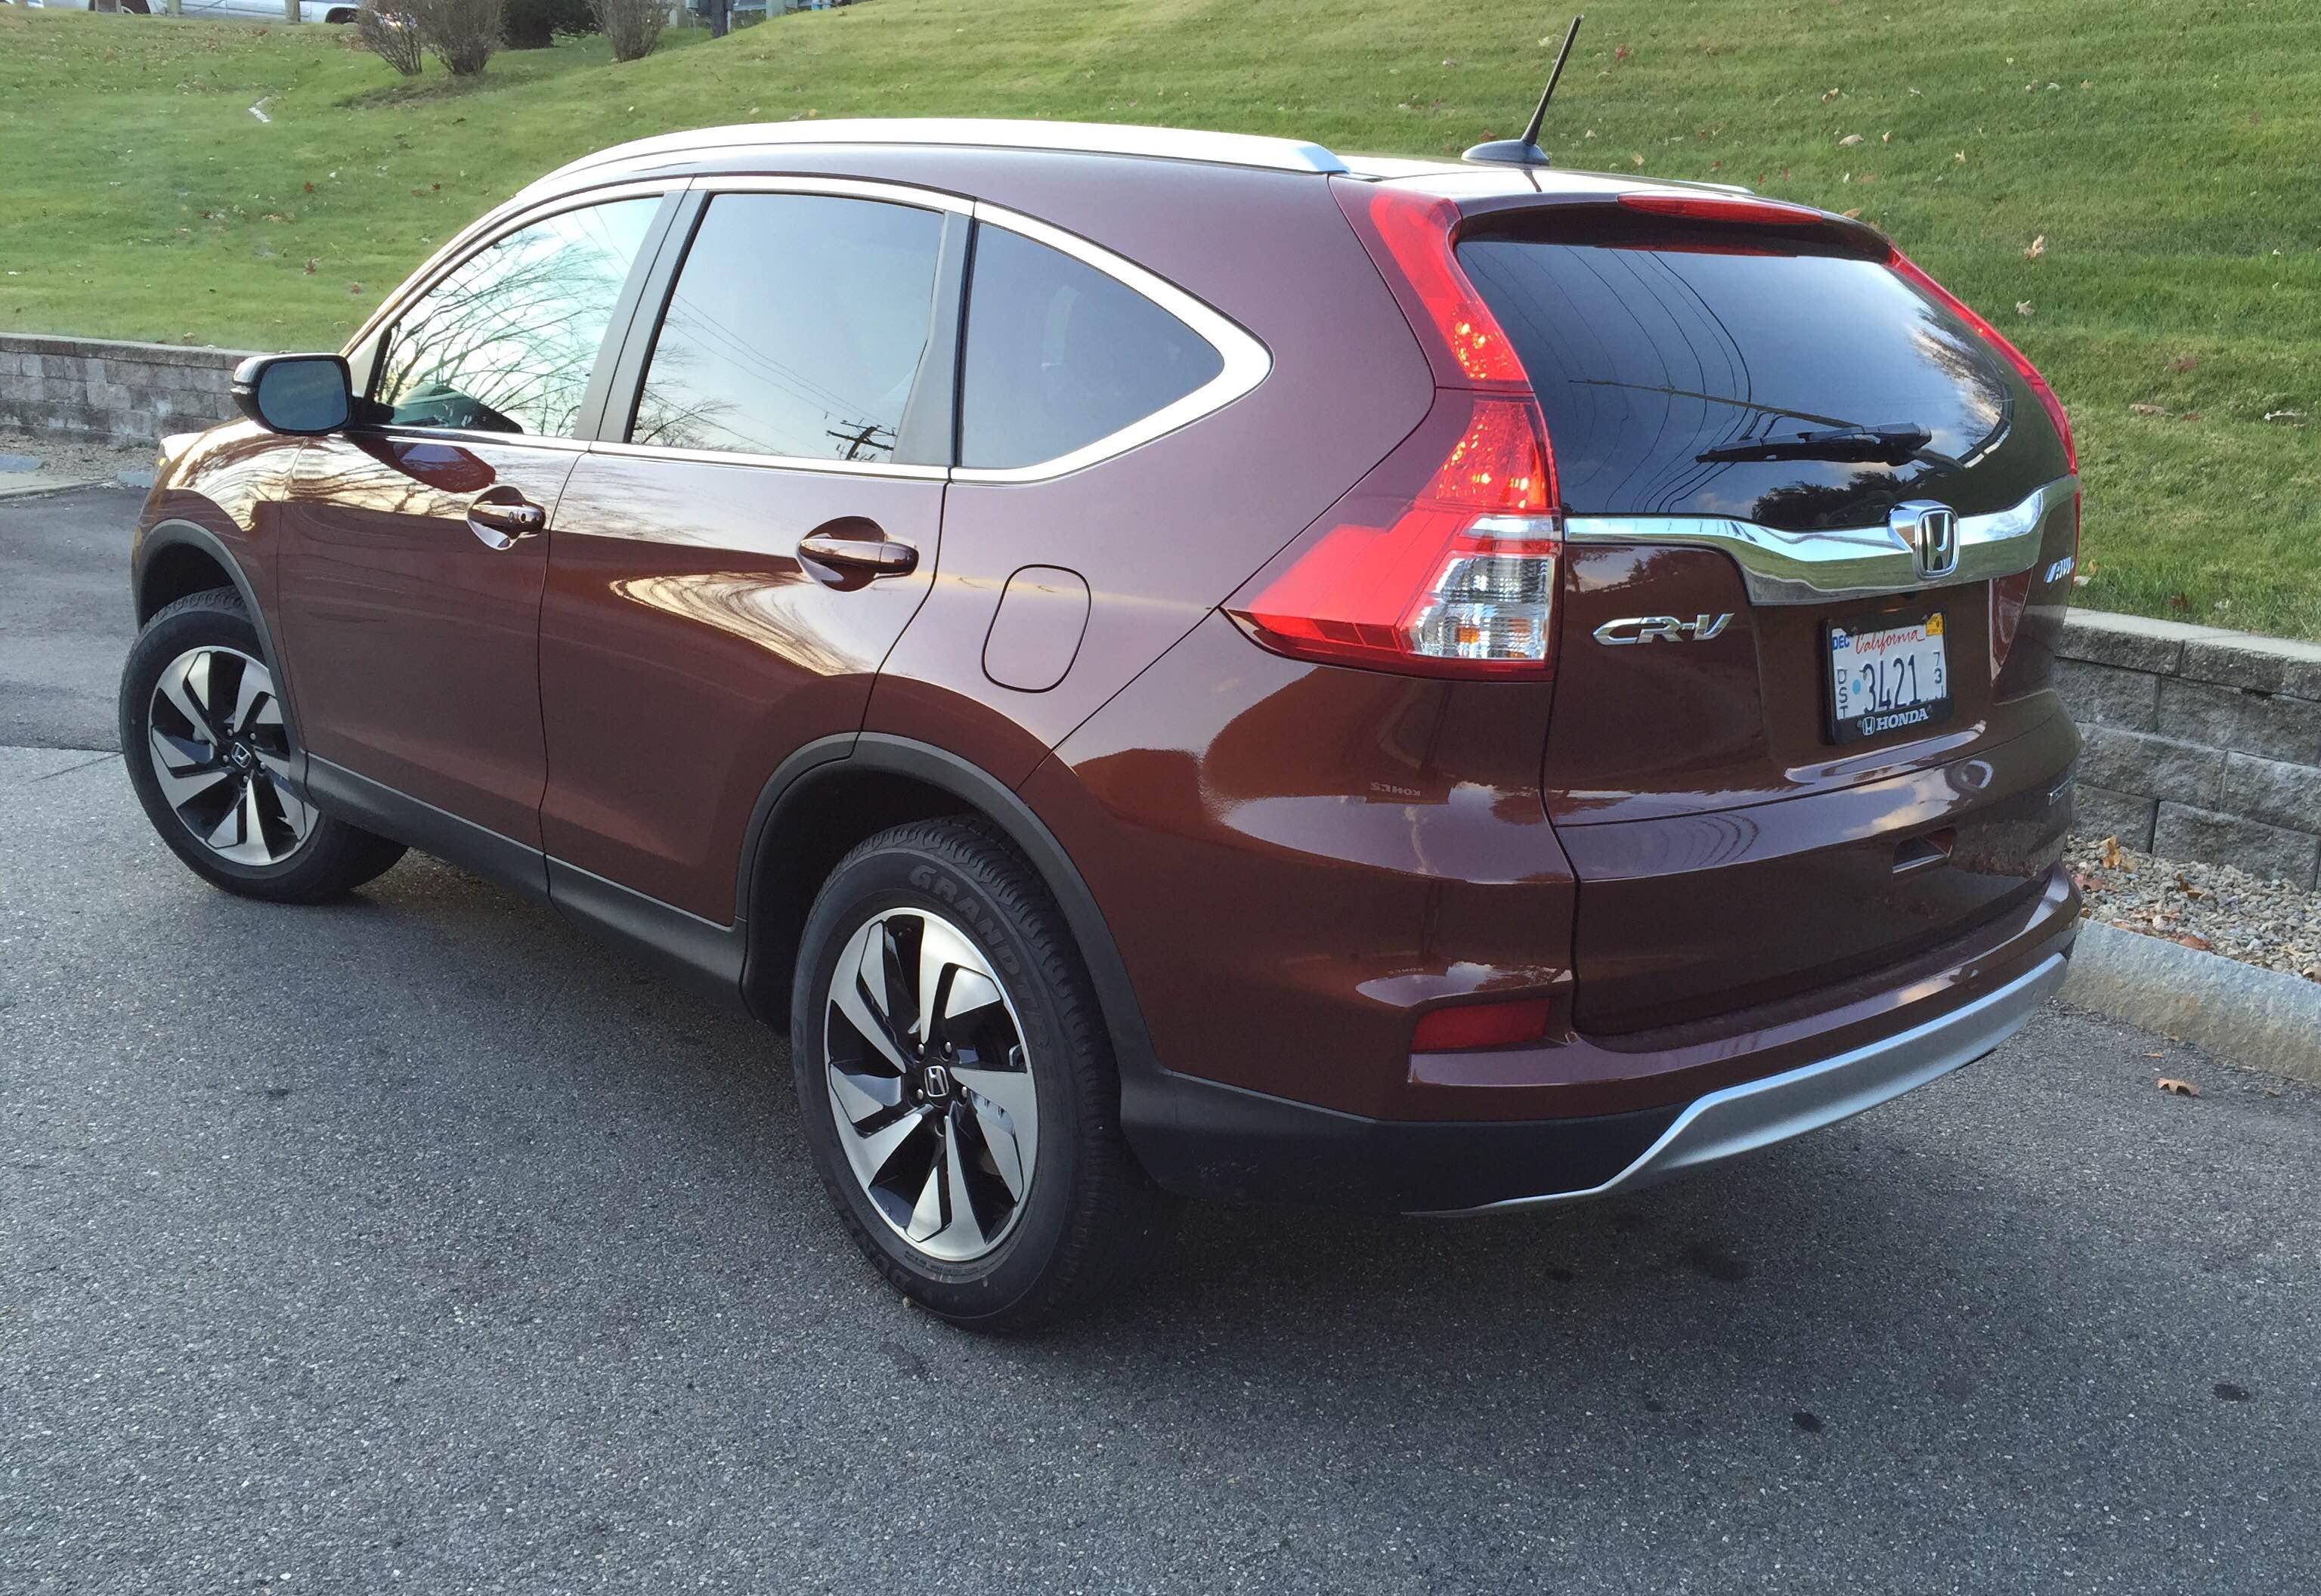 2015 Honda CR-V Rear Quarter